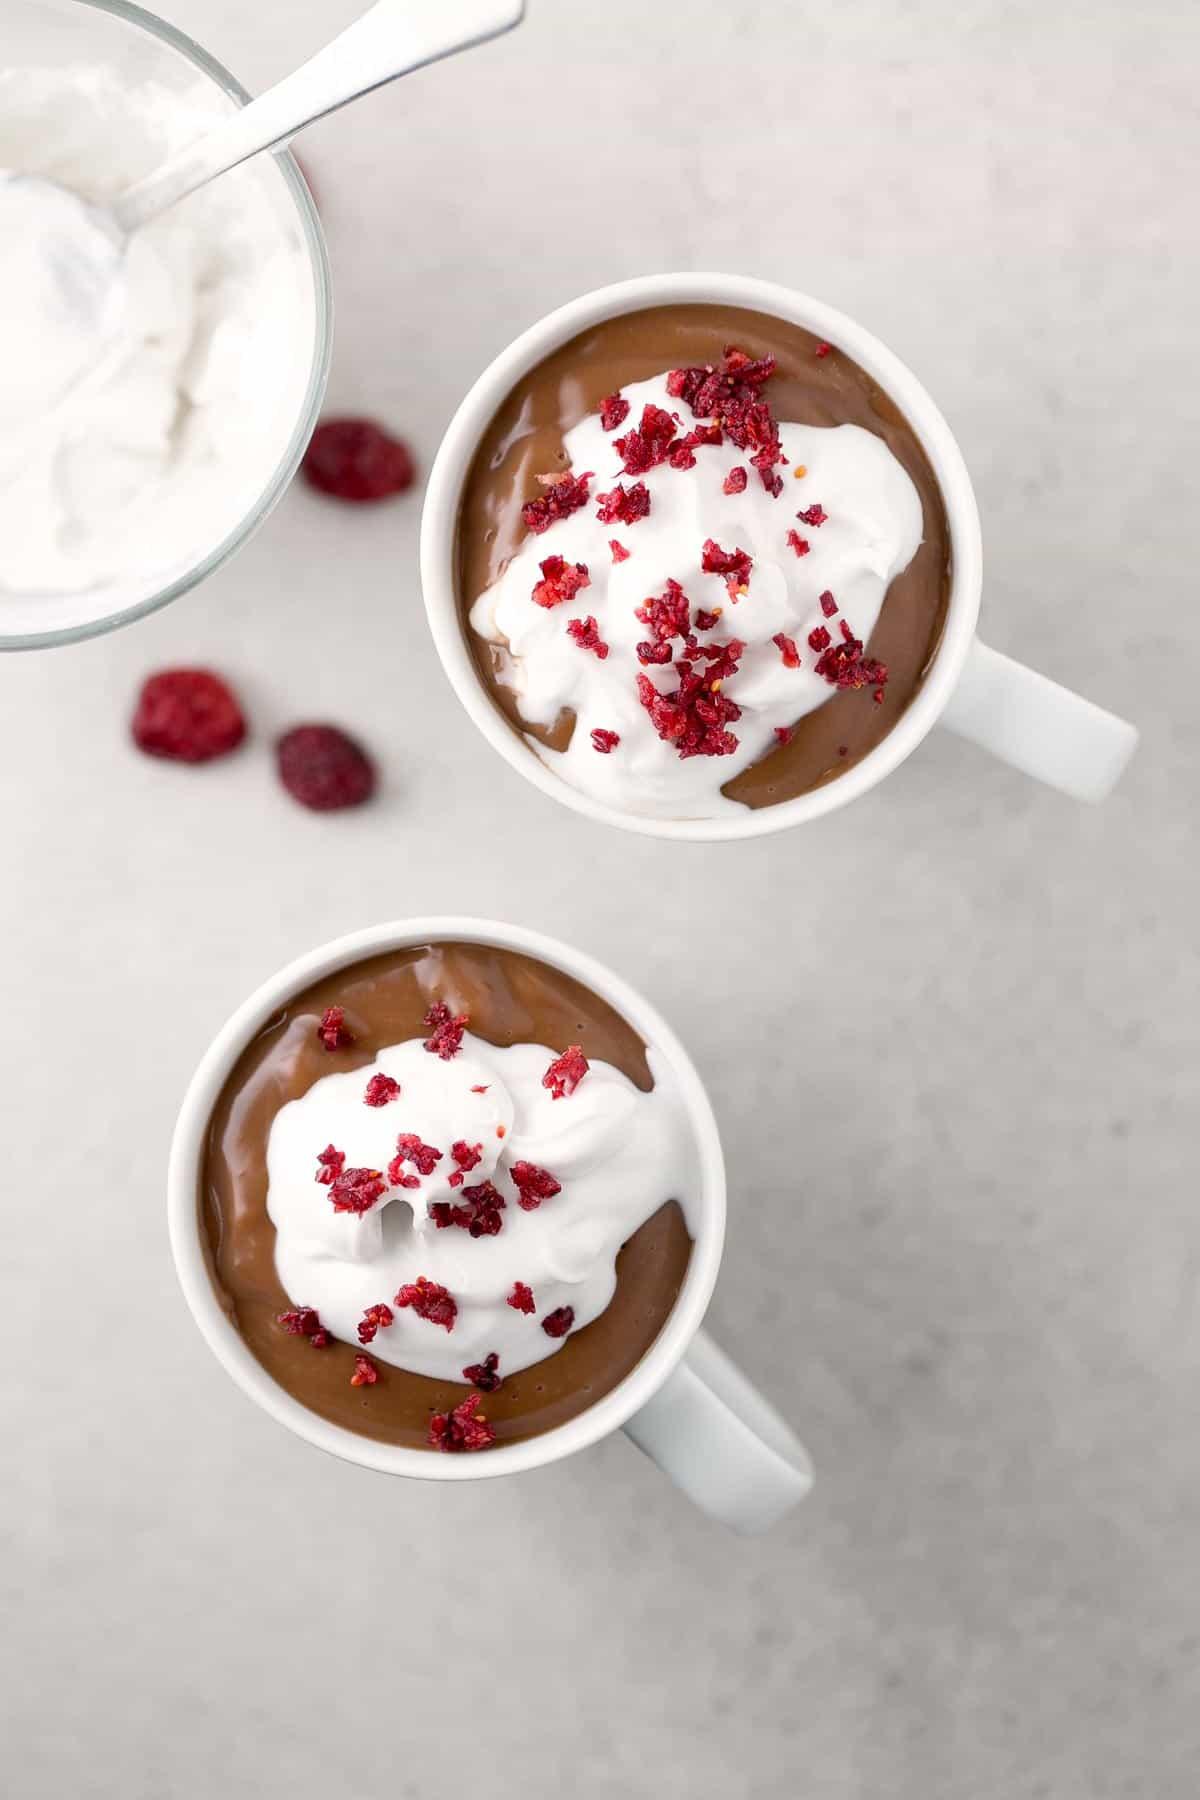 Chocolate a la Taza Vegano. - Las bebidas calientes nos ayudan a entrar en calor y el chocolate a la taza es todo un clásico. Esta versión vegana está para chuparse los dedos.